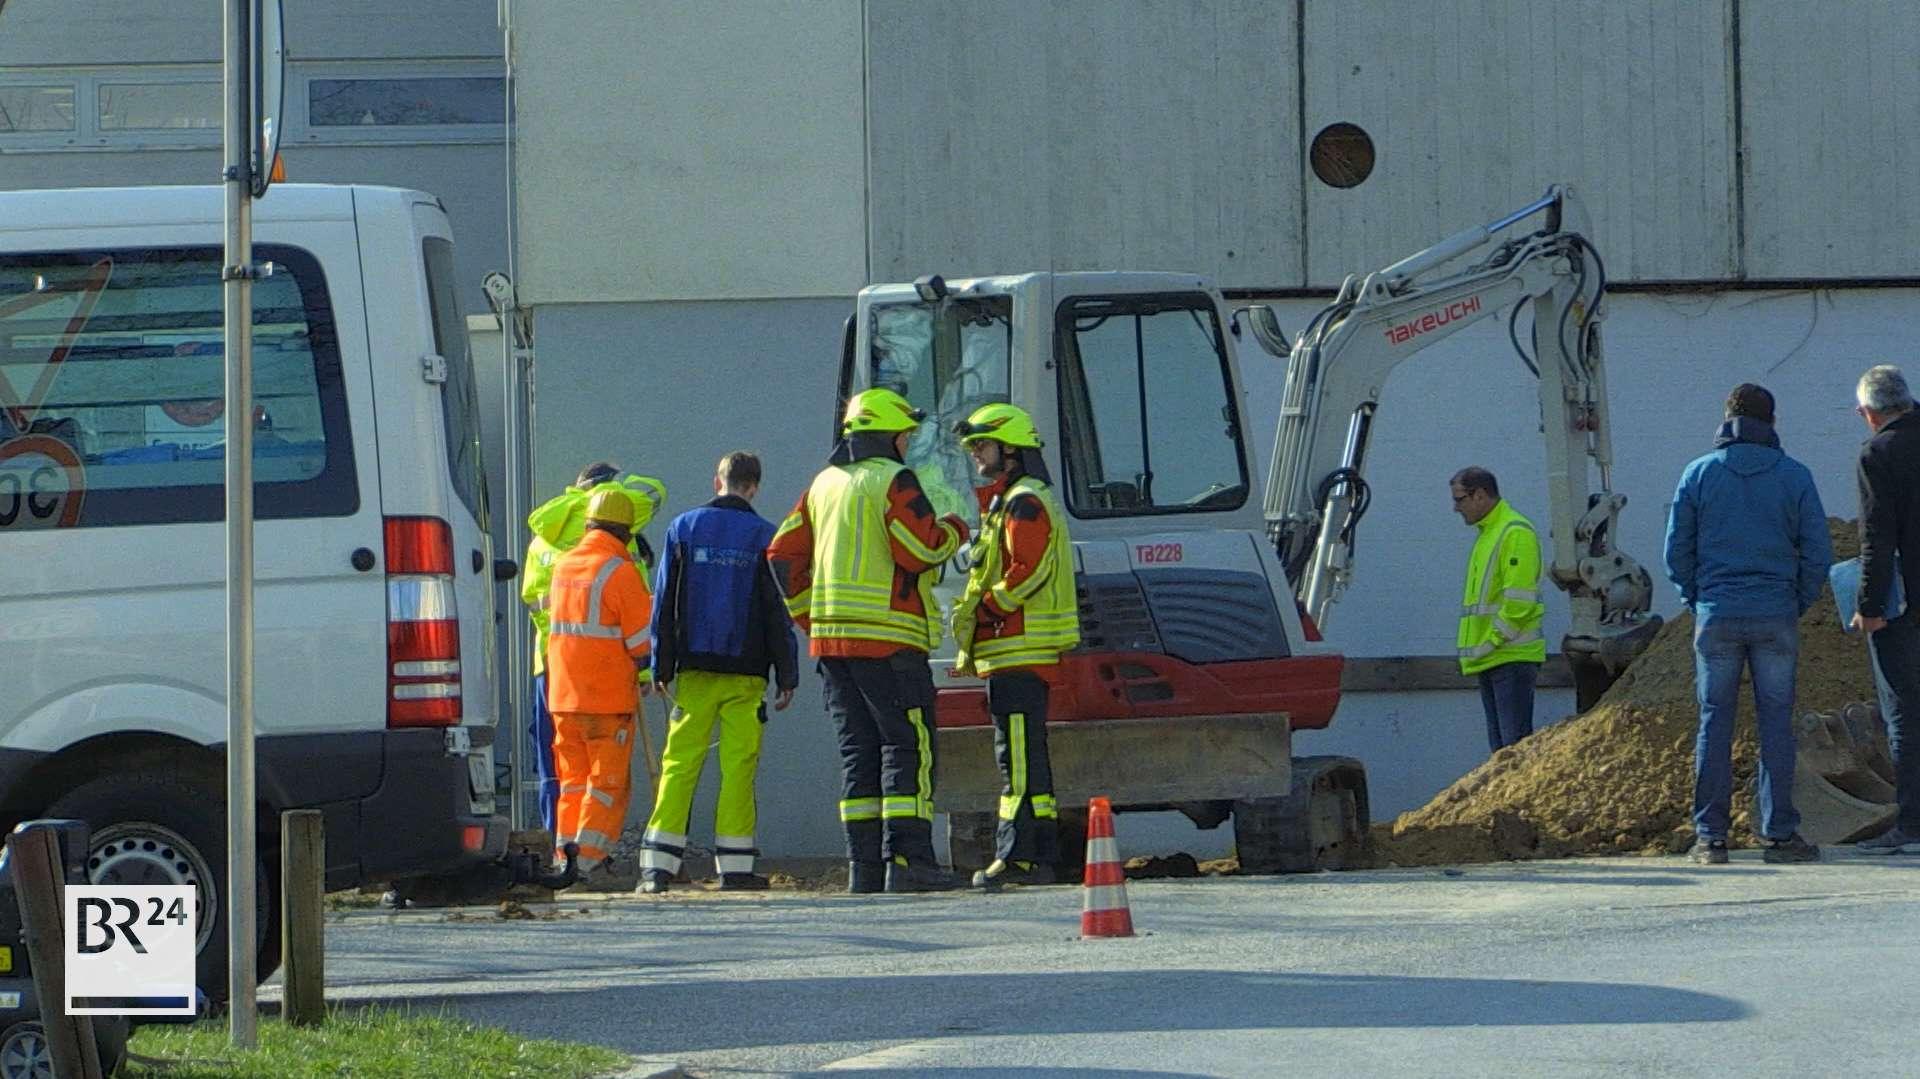 Großeinsatz in Landshut: Bei Bauarbeiten wurde eine Gasleitung beschädigt. Das naheliegende Seniorenheim musste teils evakuiert